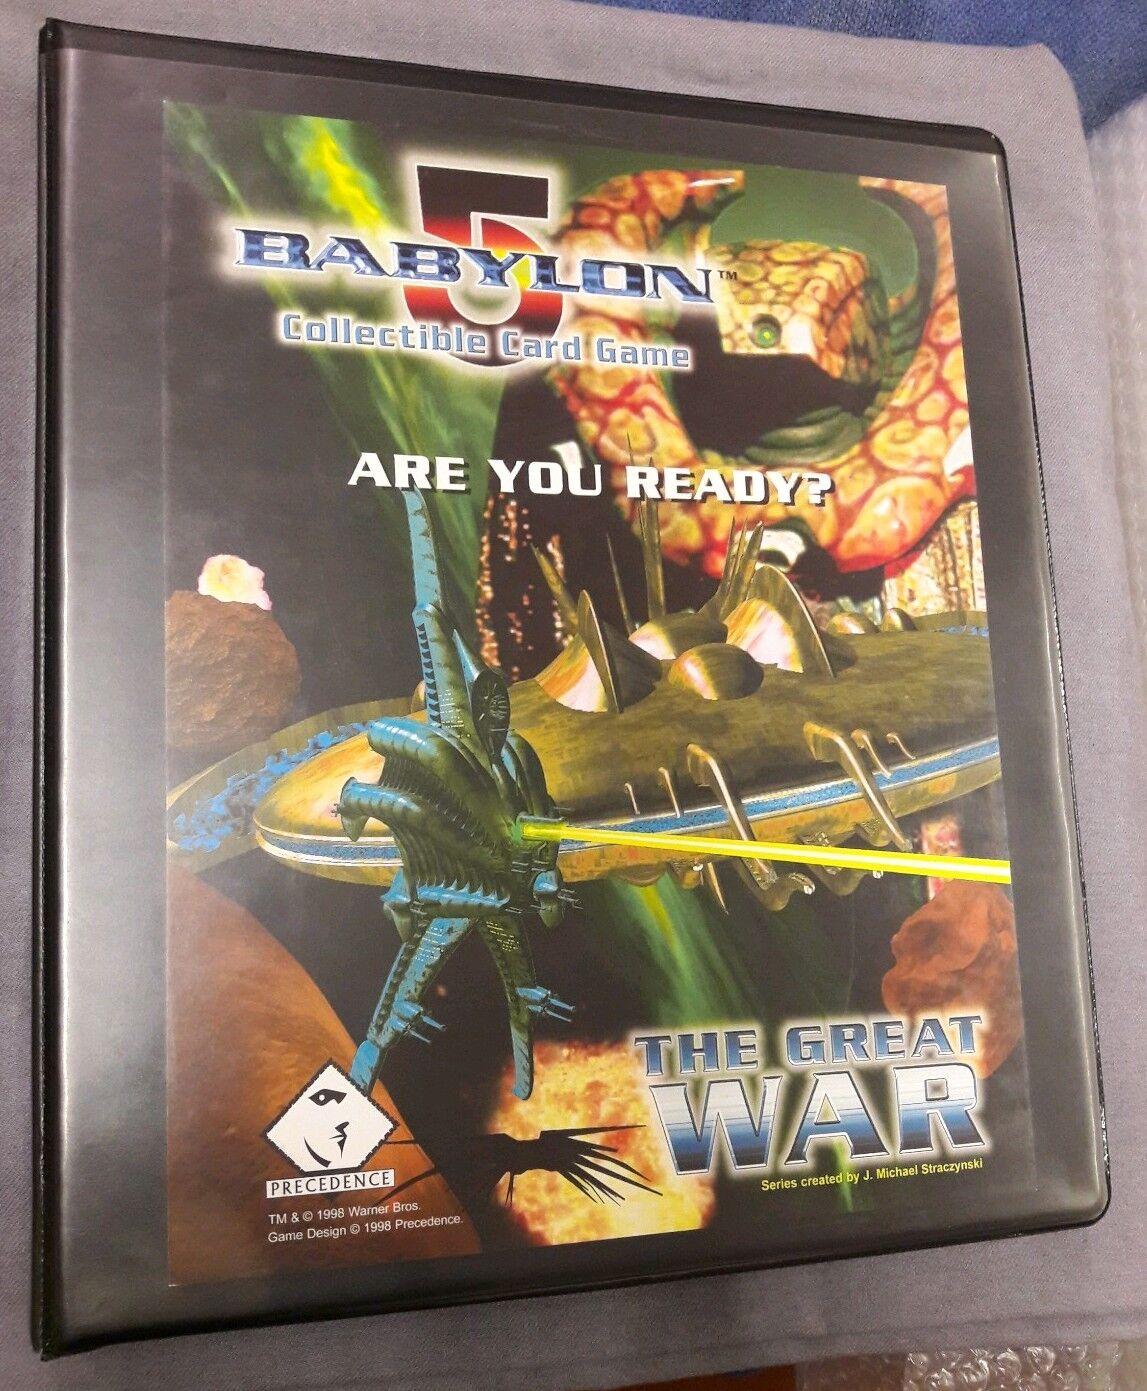 Babylon 5 CCG - Great War Expansion Set - - - 397 Cards in Binder